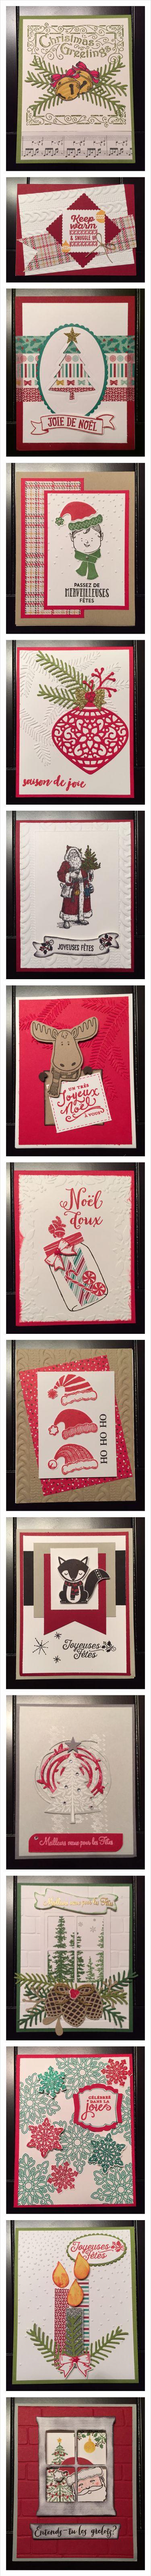 L'Estampe Frivole (Stampin'UP) Christmas Cards 1 Cartes de Noel 1